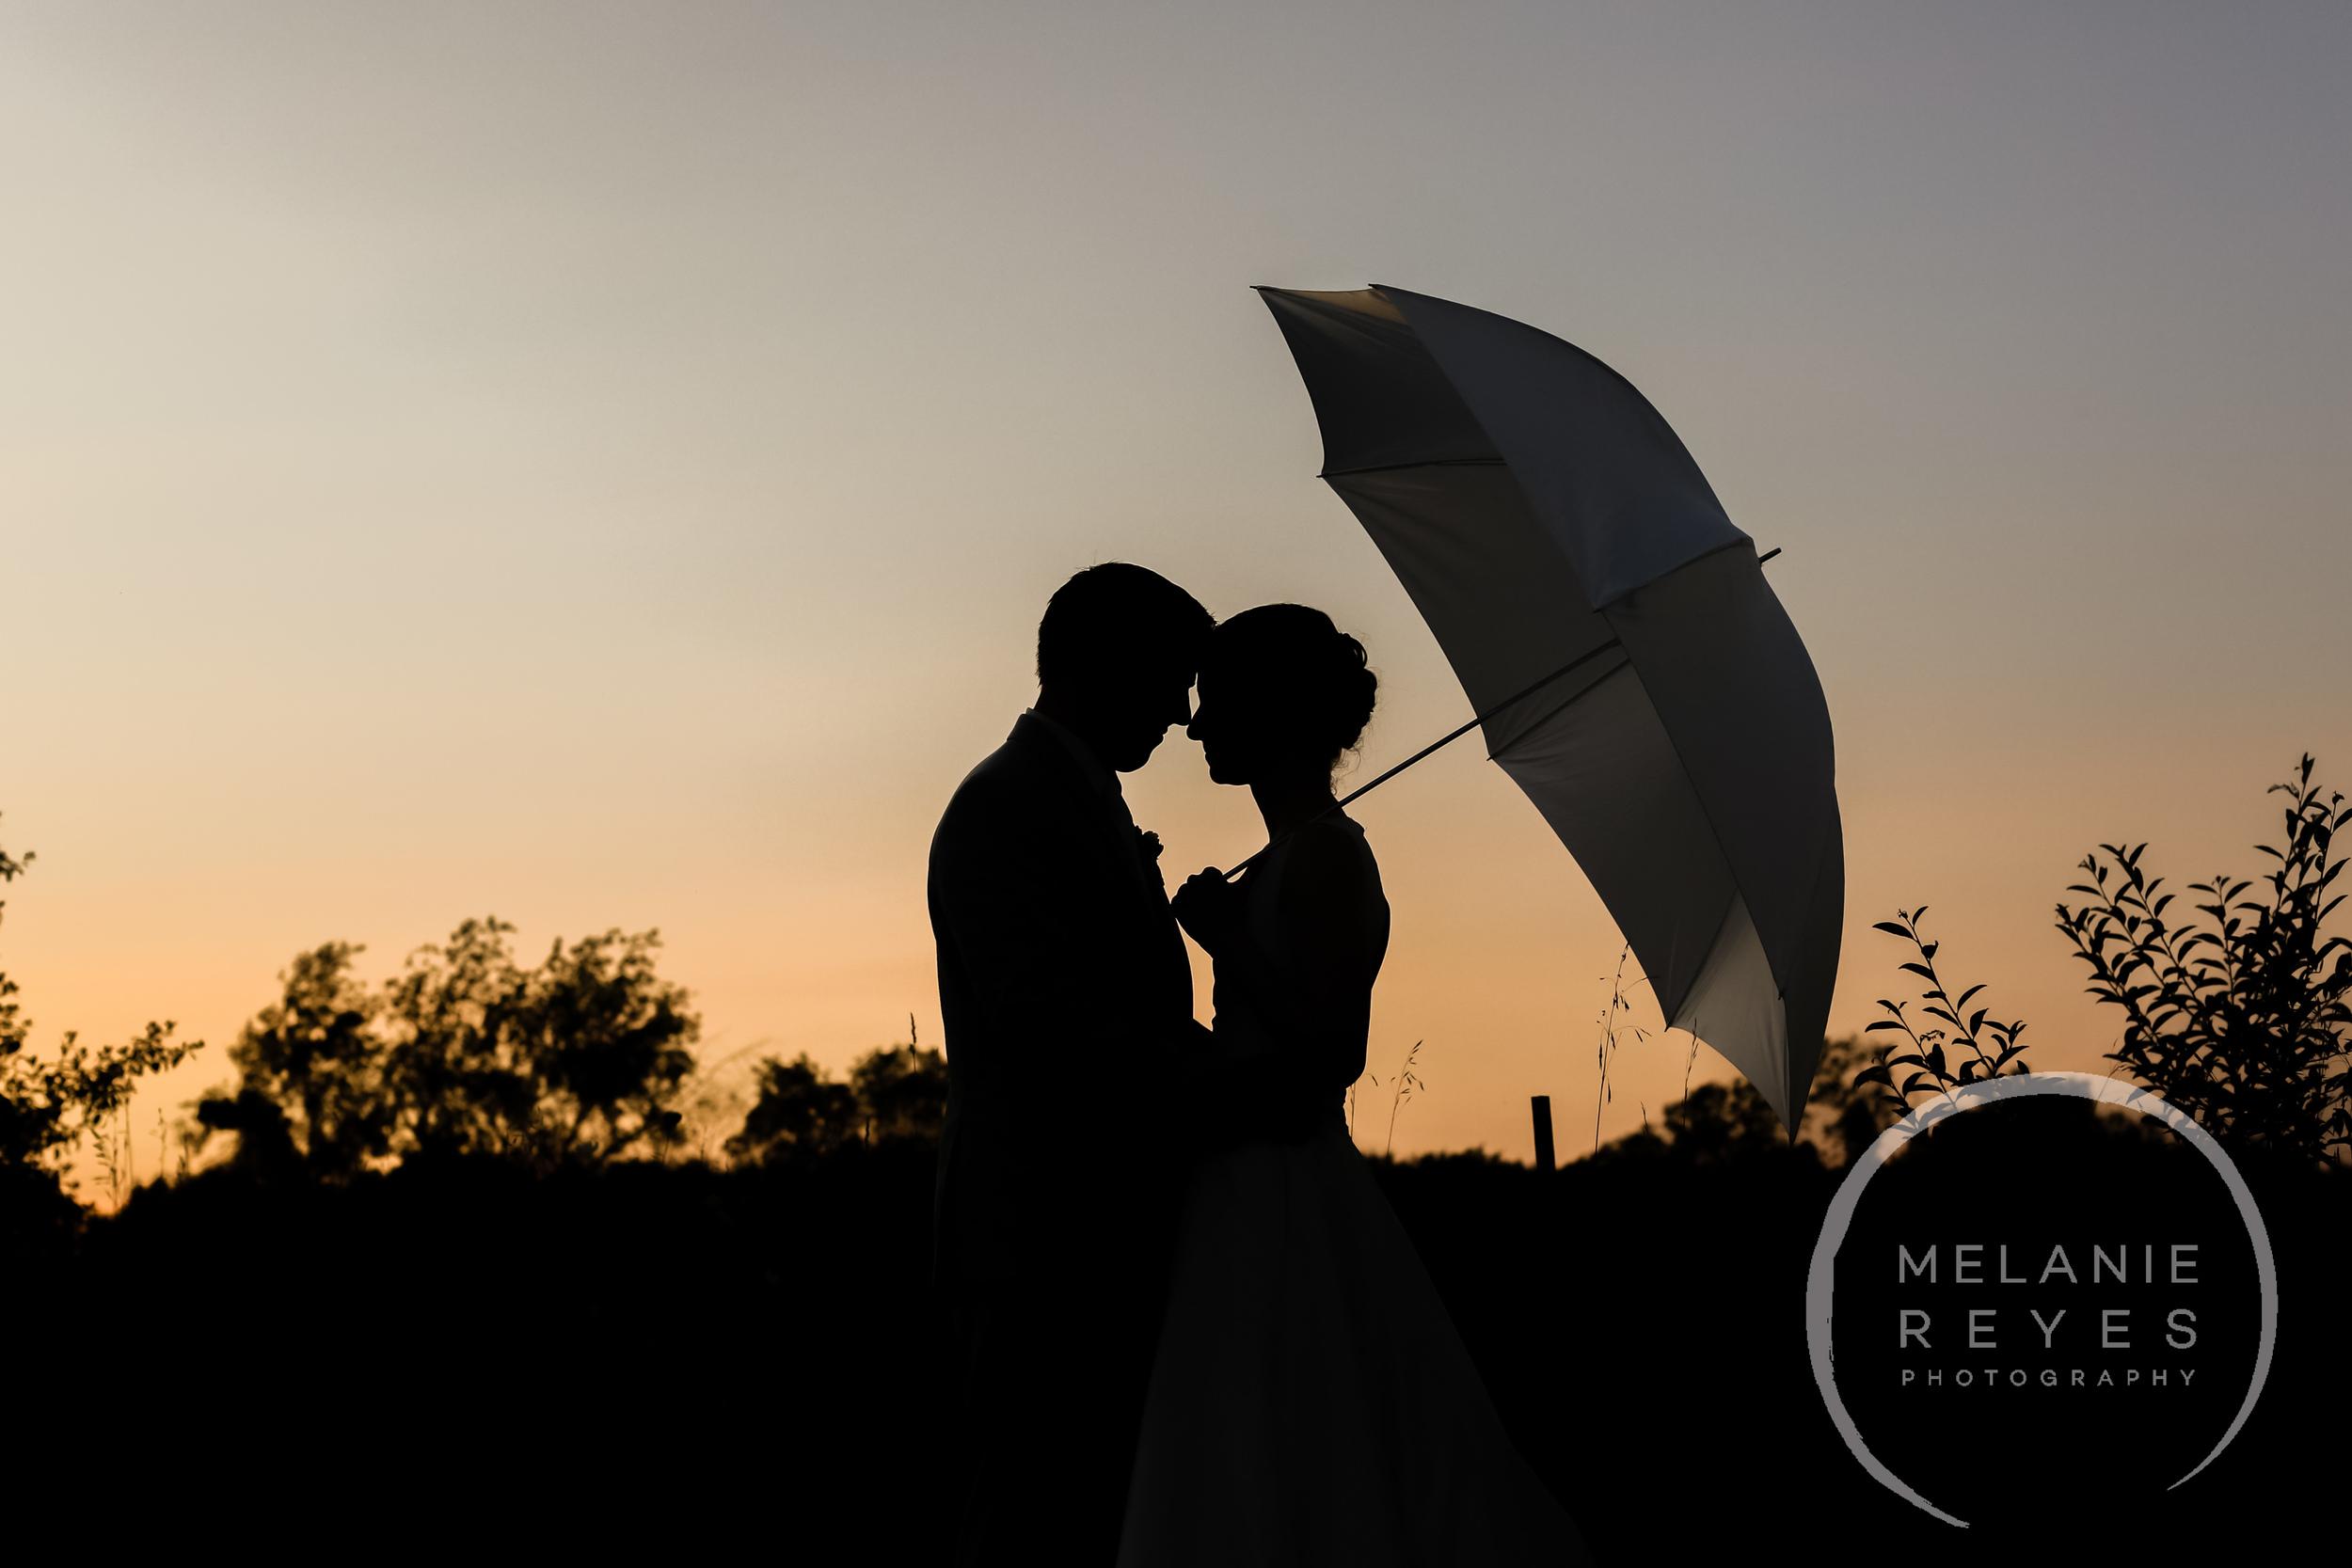 078_farm_wedding_melanie_reyes.JPG